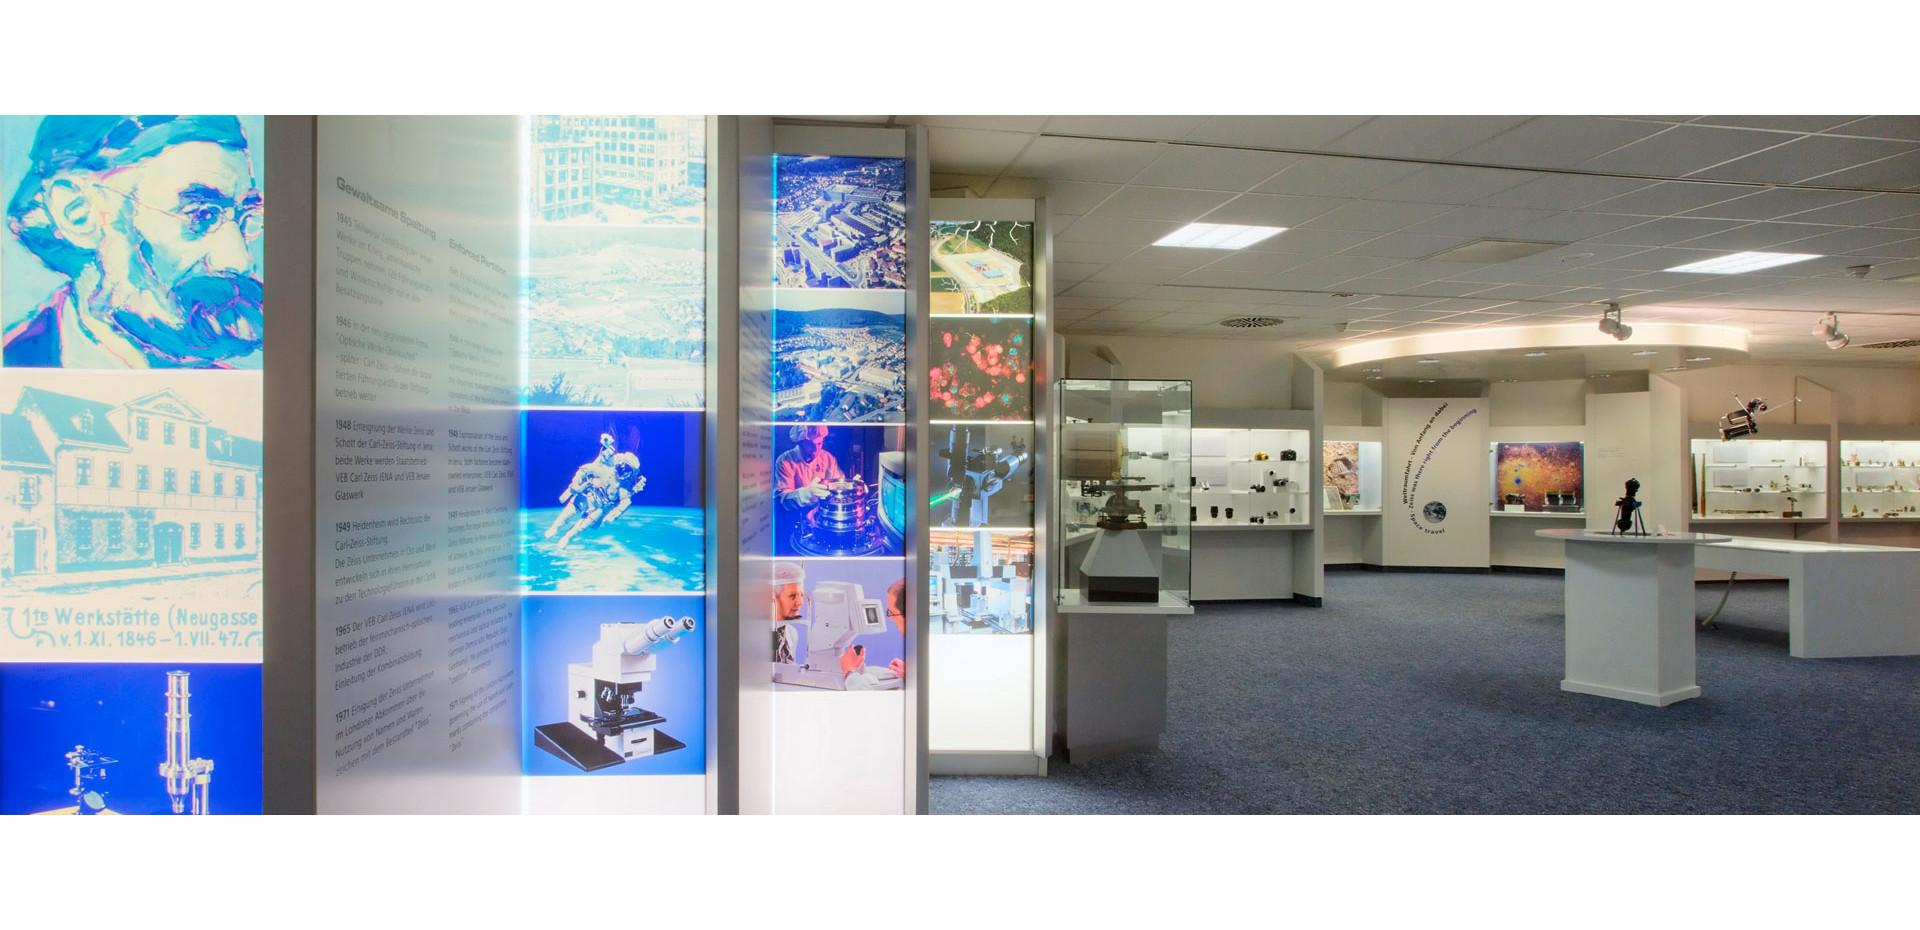 Im Zeiss-Museum der Optik kann man 170 Jahre Innovationsgeschichte im Bereich der Optik erleben